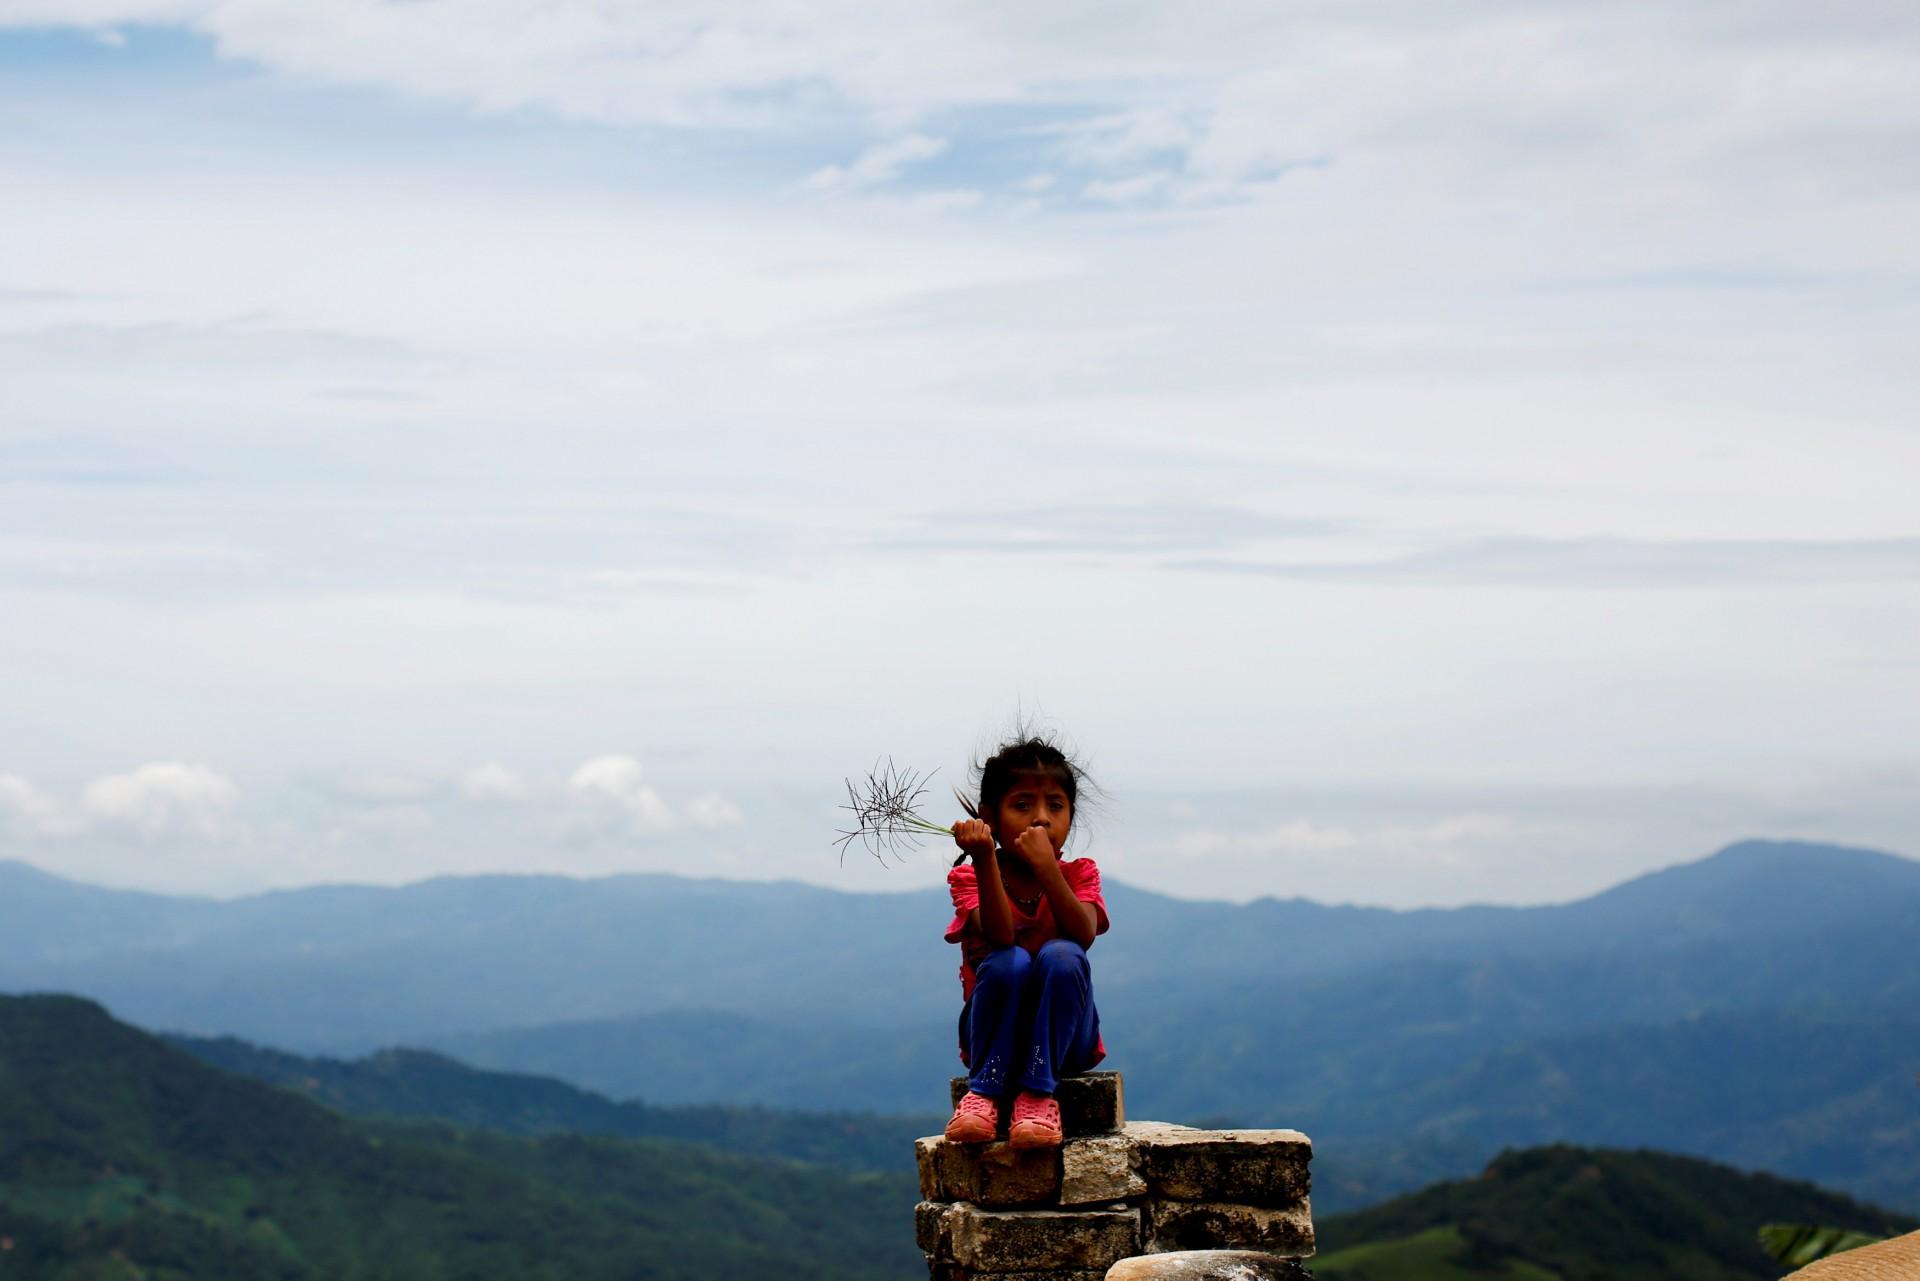 Un niño se sienta en una acera en Santa Cruz Yucucani, en la Sierra Madre del Sur, en el estado sureño de Guerrero, México, el 18 de agosto de 2018.